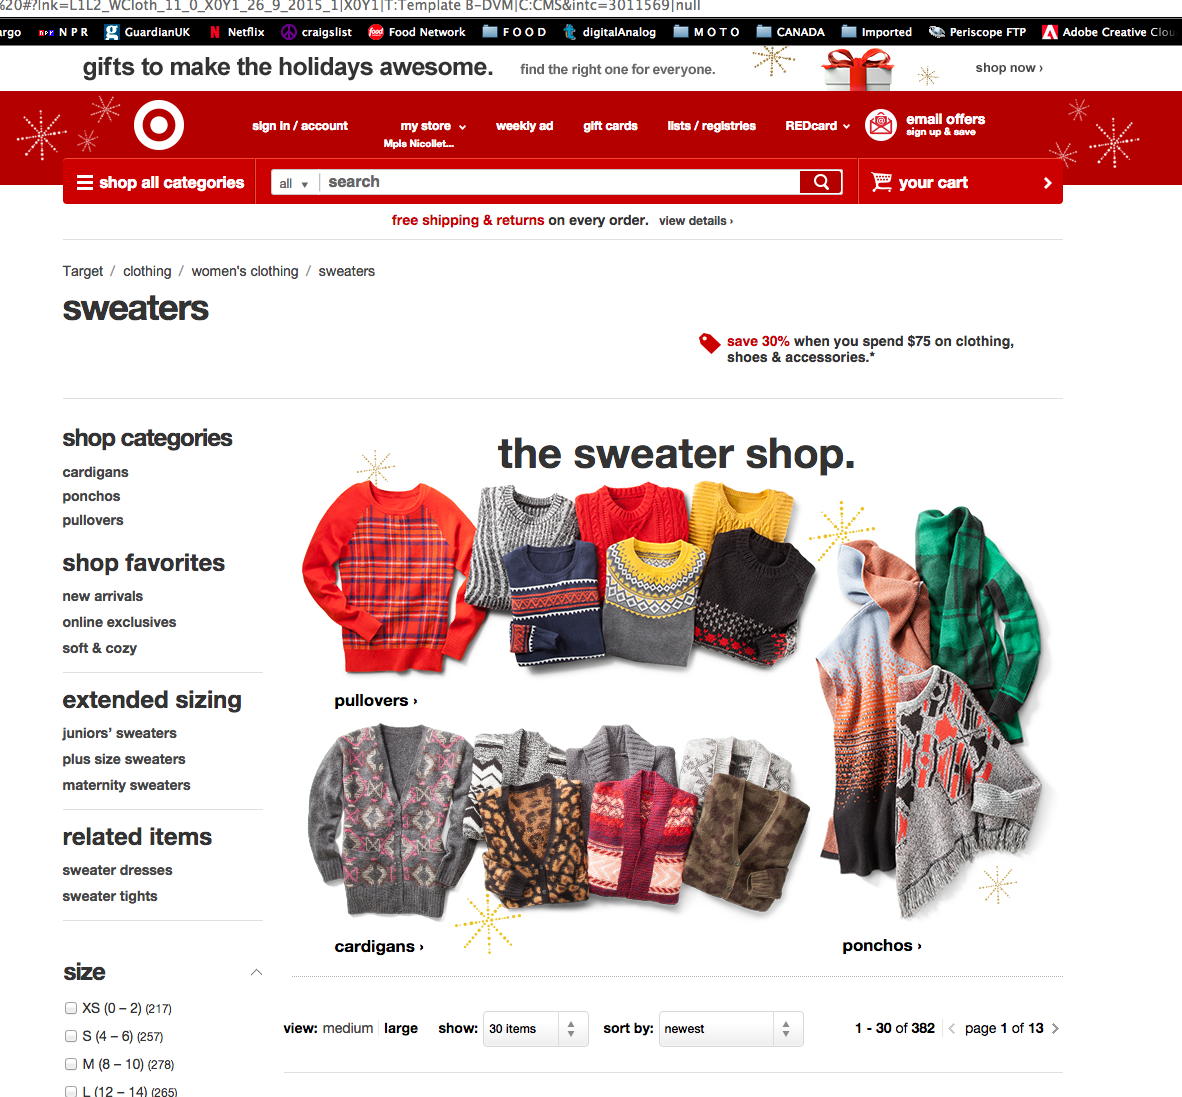 Client: Target